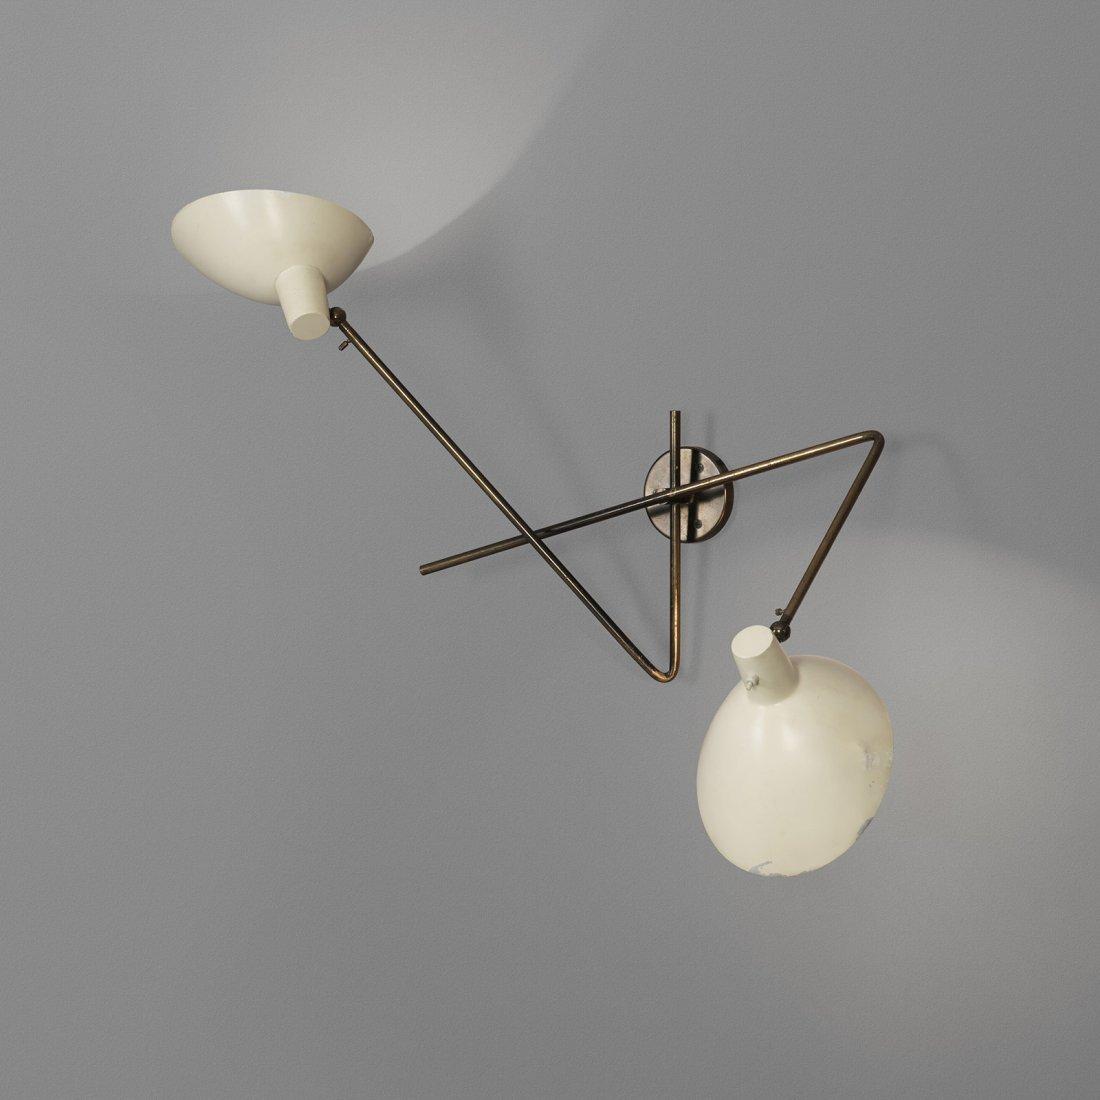 Vittoriano Viganò and Gino Sarfatti wall lamp